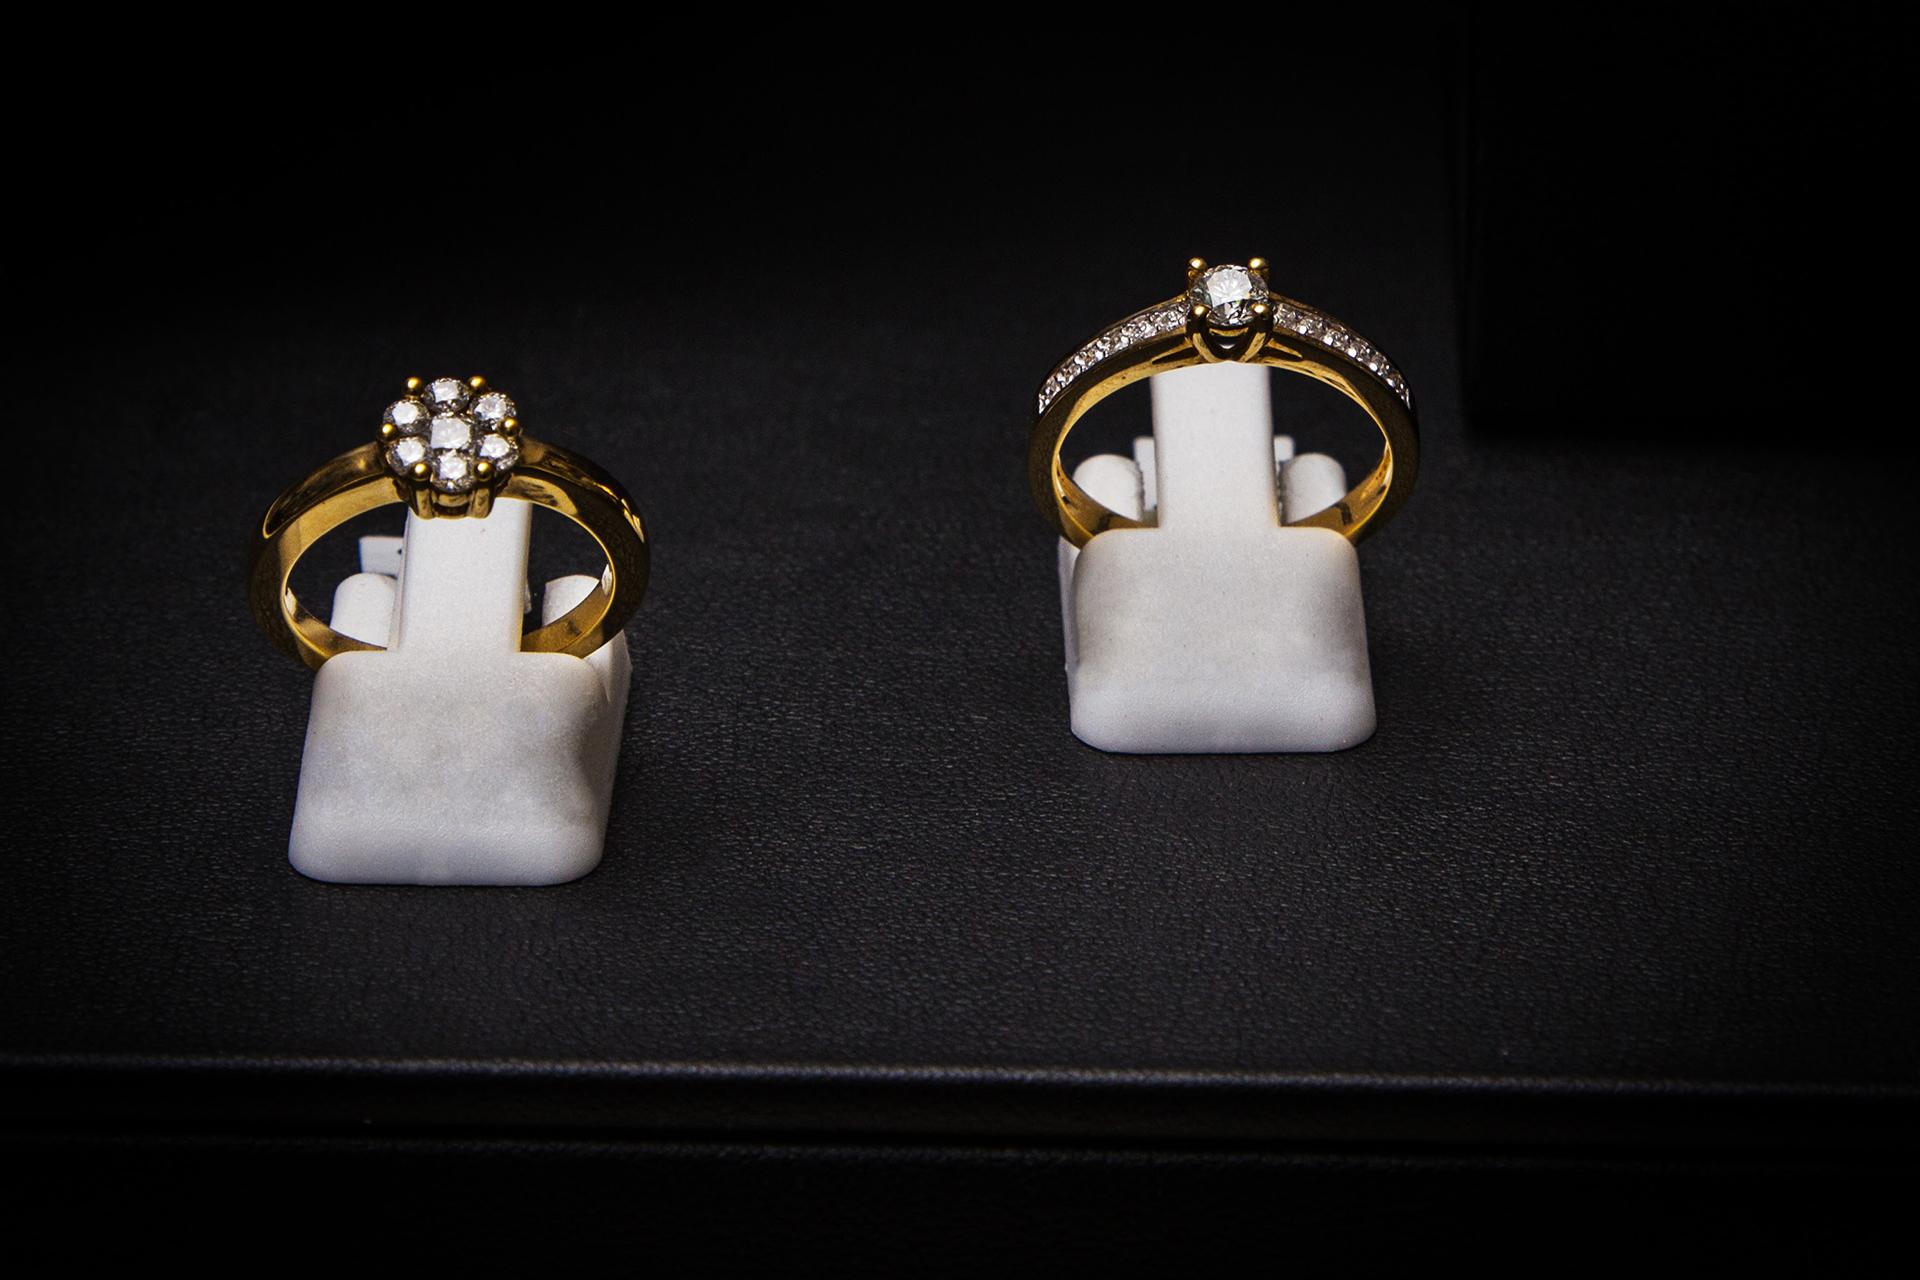 bijouterie-verneau-bagues-or-pierres-precieuses-beaute-toulon-la-garde-var